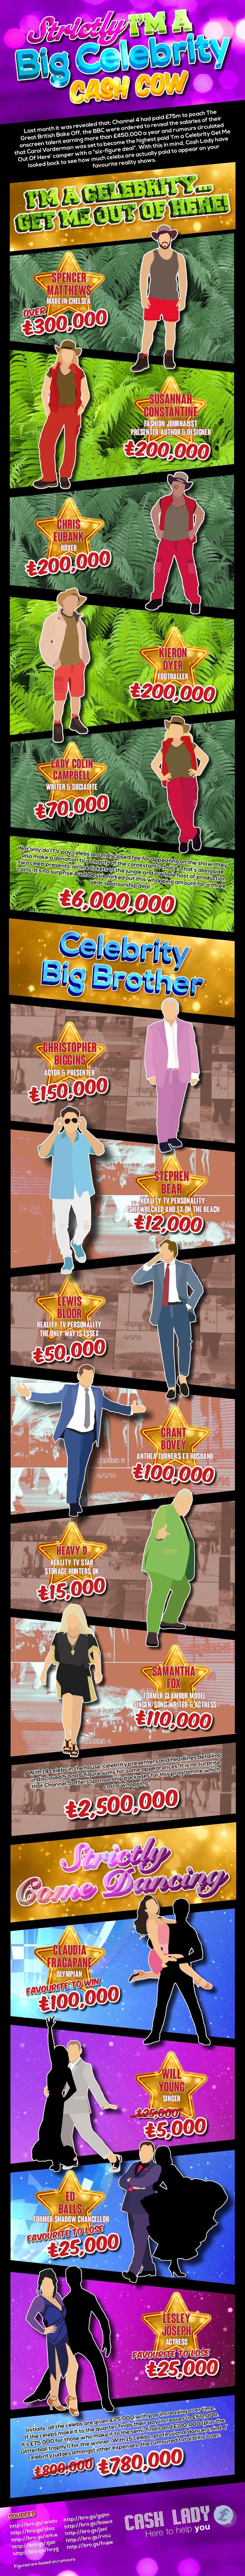 infographic-bellenews